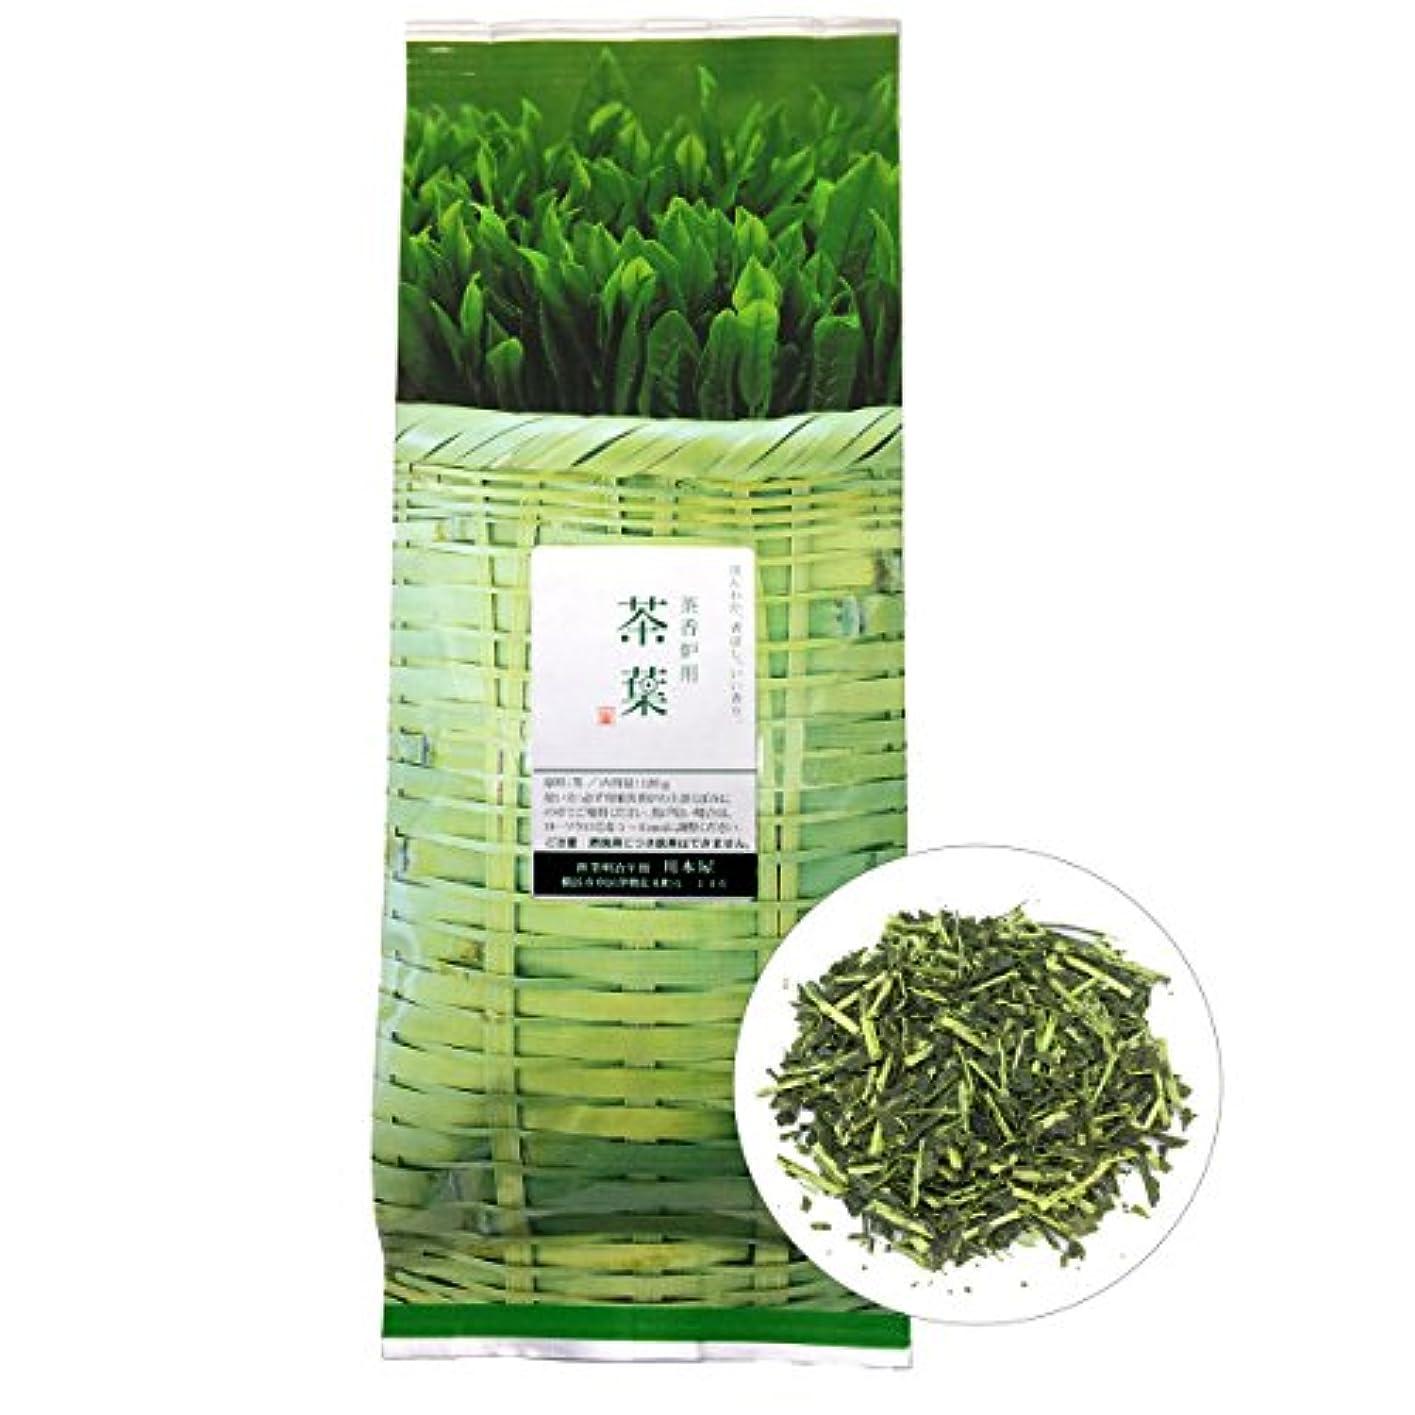 頭征服する裁判官国産 茶香炉専用 茶葉110g (1袋) 川本屋茶舗